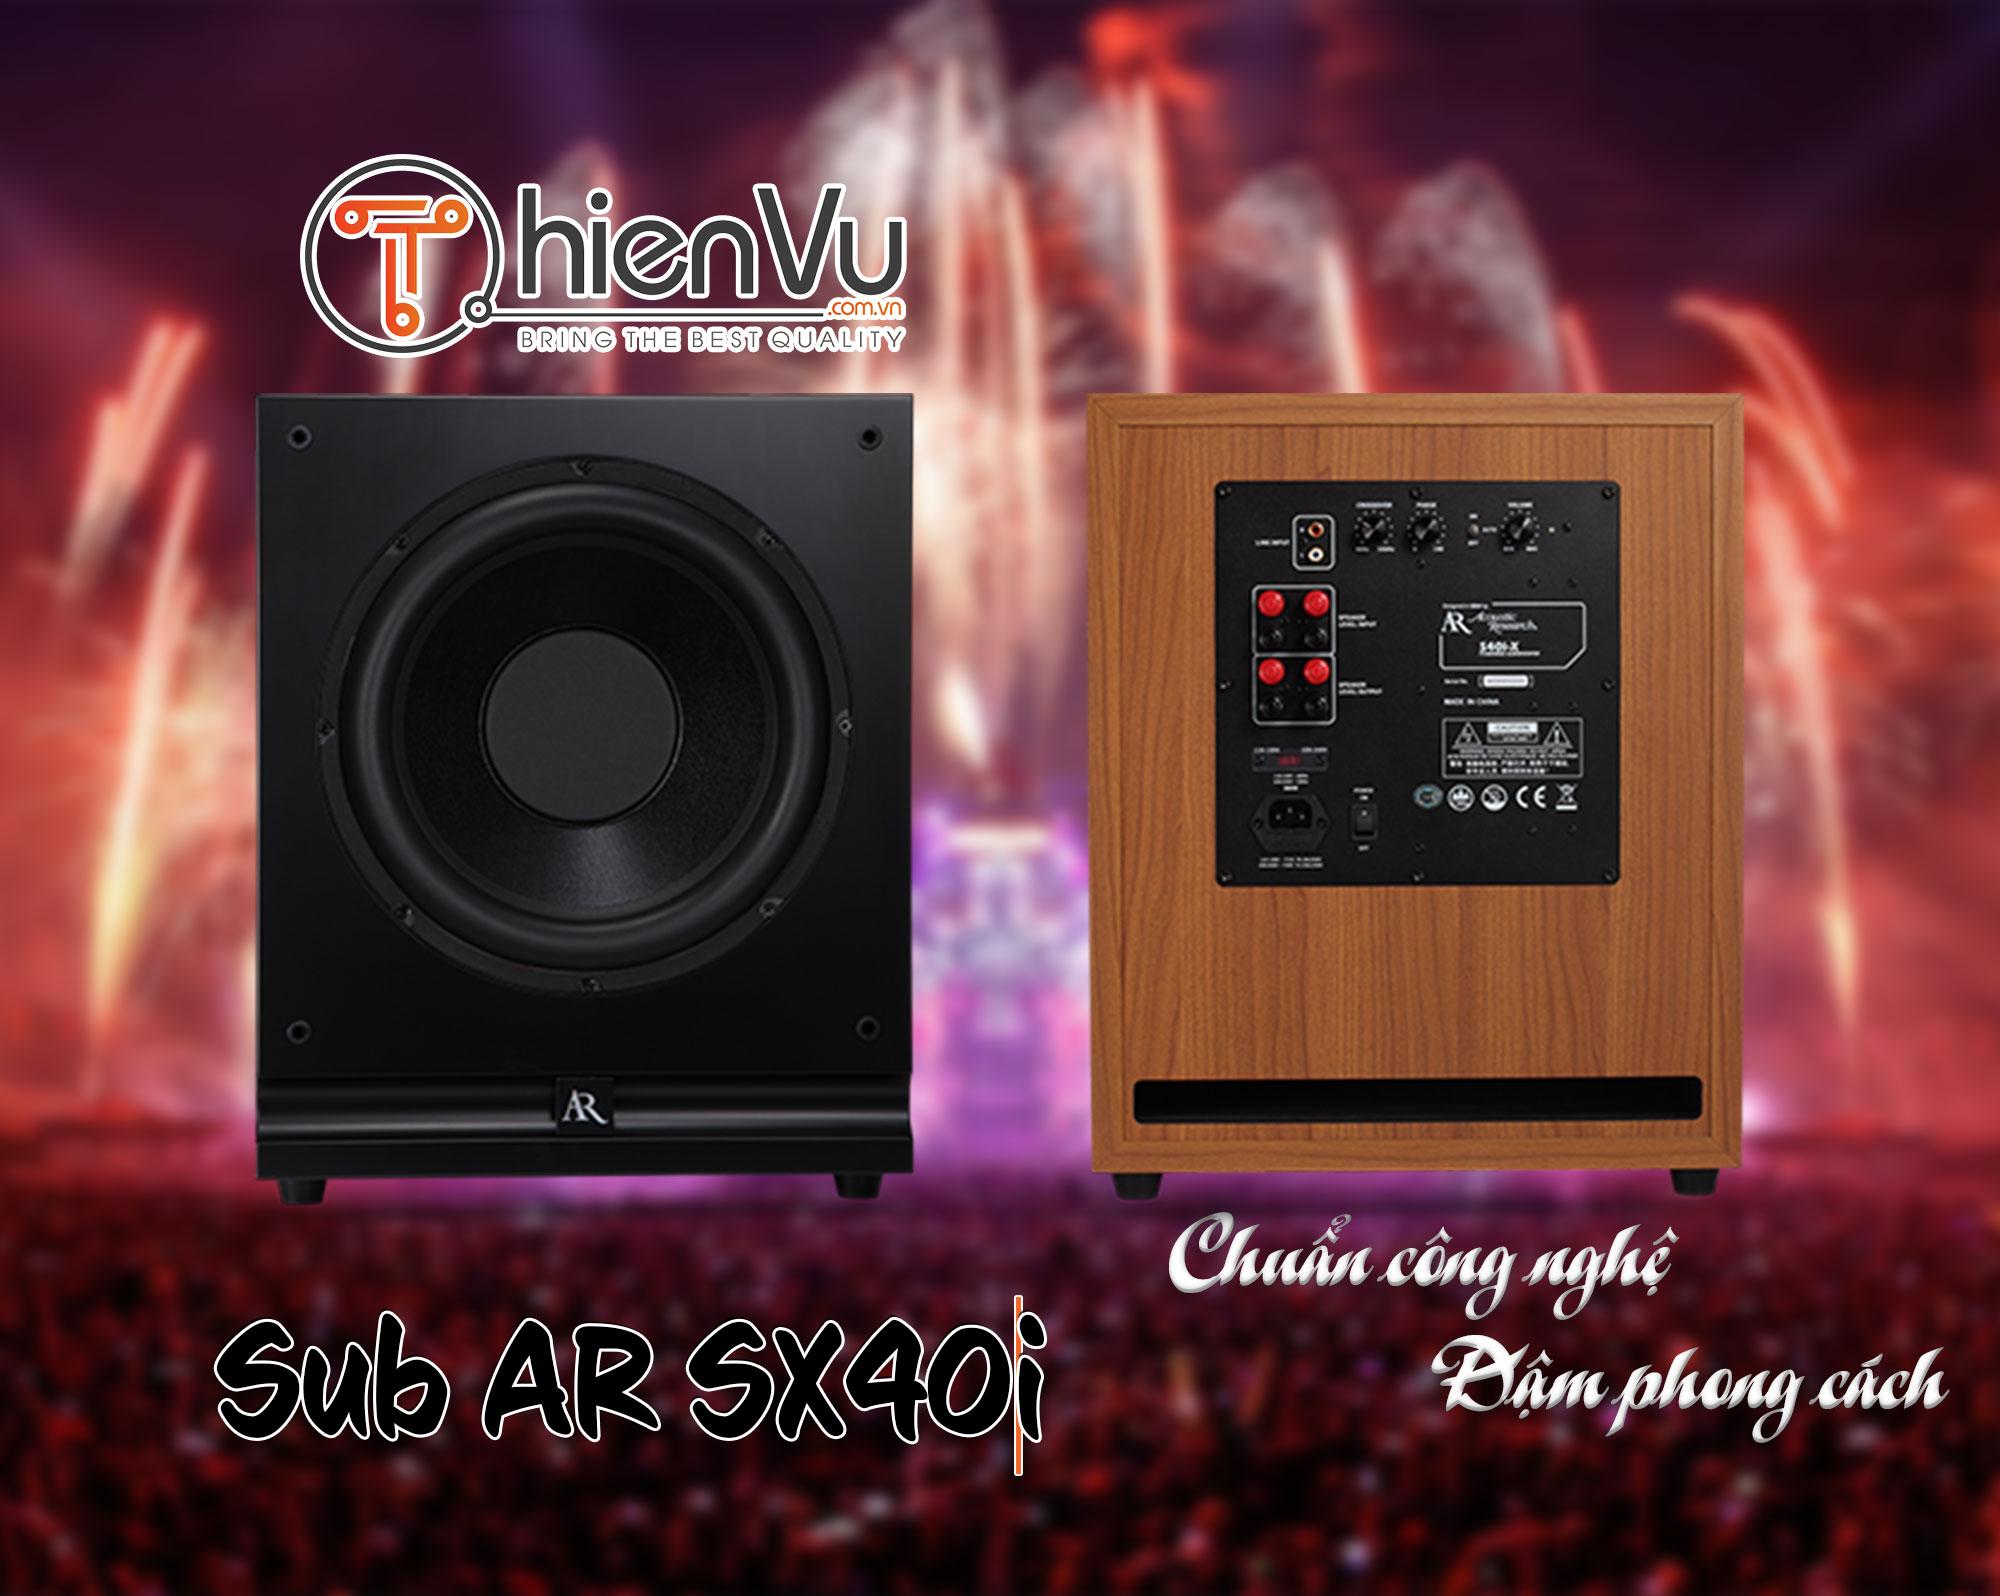 Sub AR SX 40I